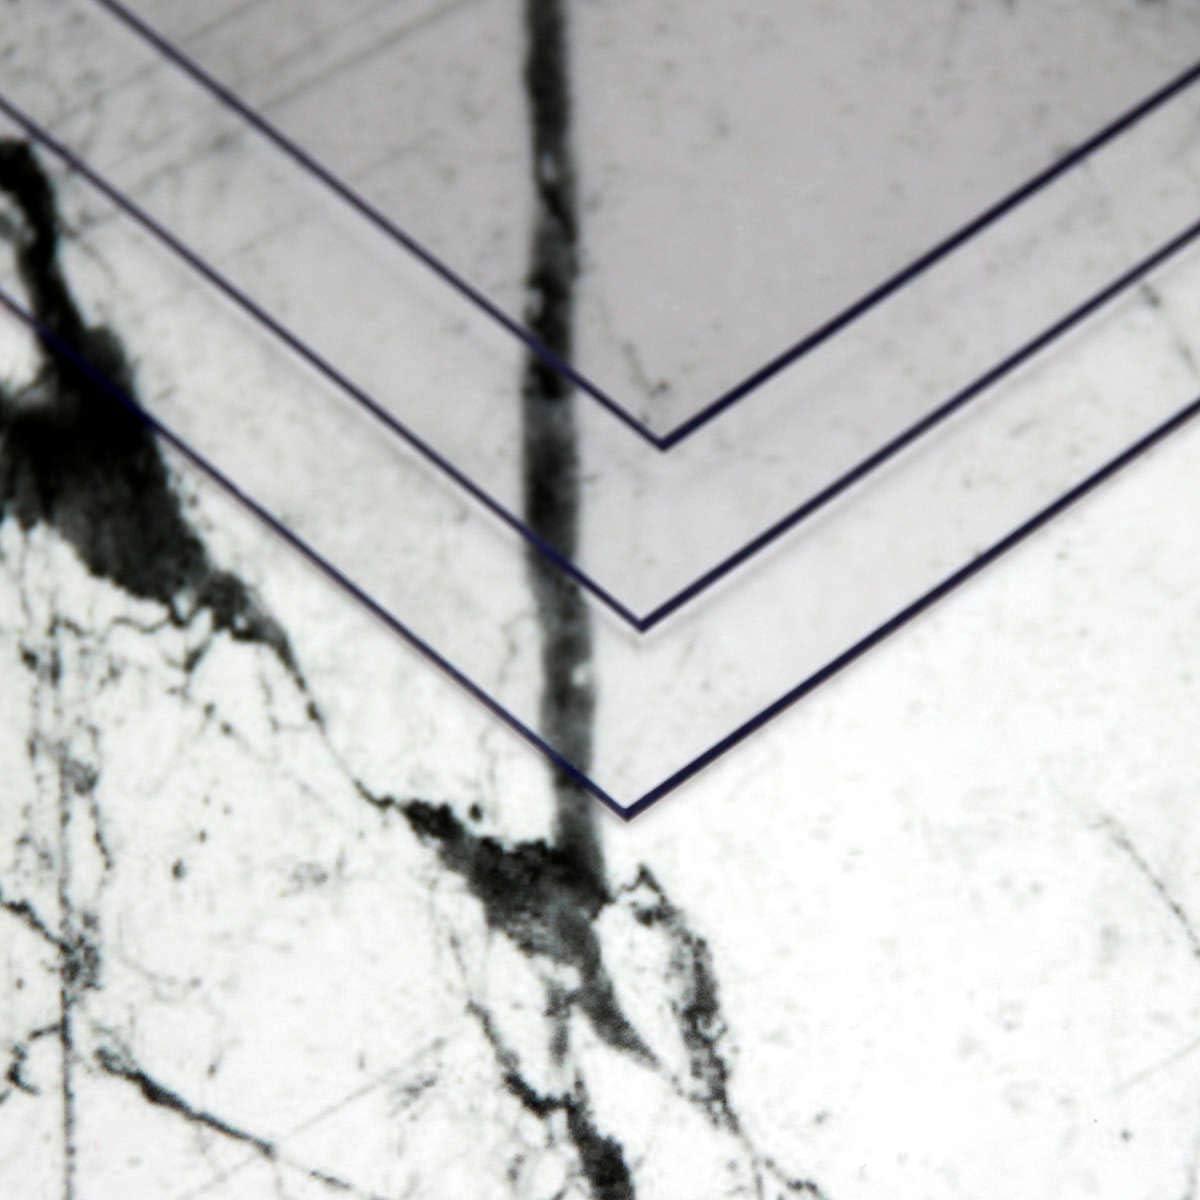 mit beidseitiger Schutzfolie in verschiedenen Gr/ö/ßen und Mengen f/ür Modellbau//Basteln Polycarbonat durchsichtige PC Kunststoff Platten A4 30x21cm 5 St/ück 1,8mm starke PC-Platten glaskare